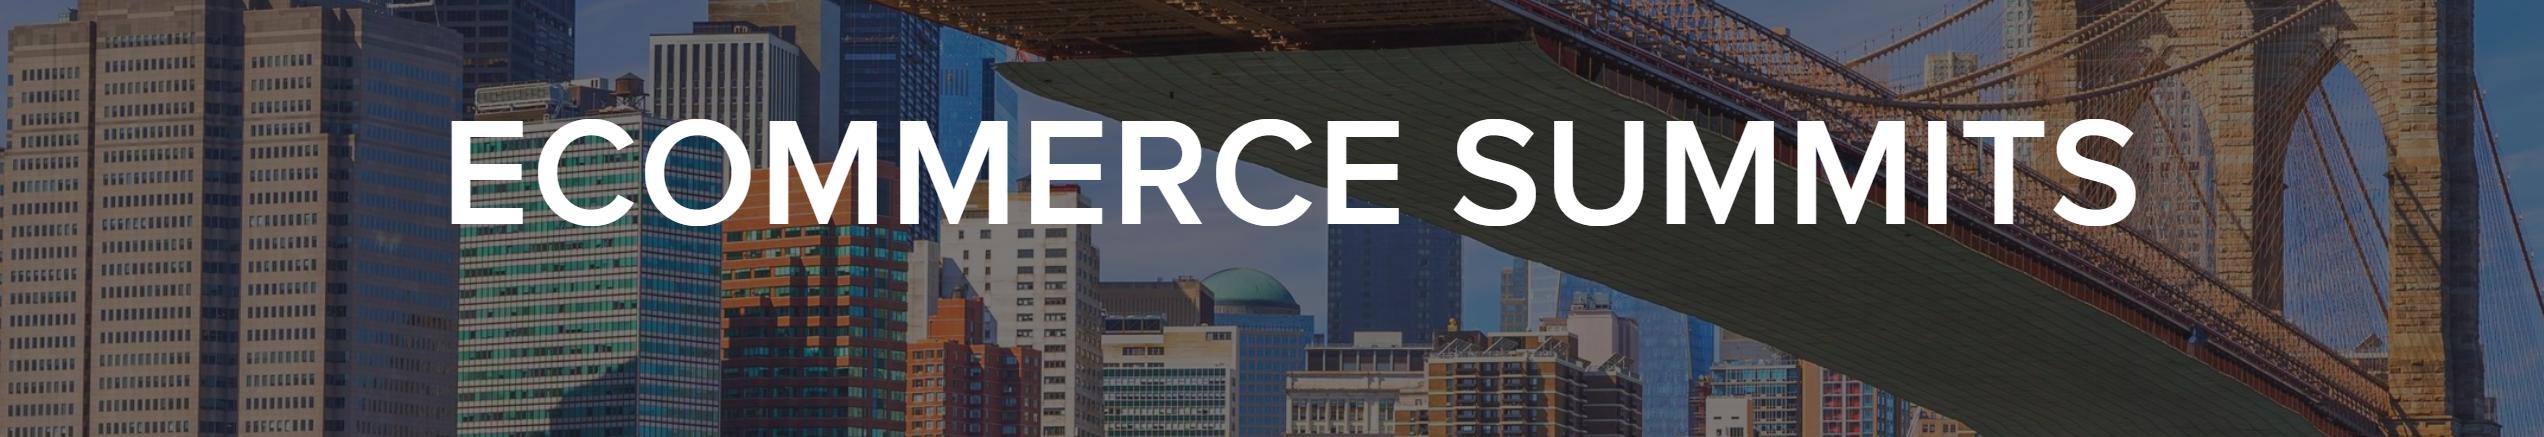 ecommerce summits 2019